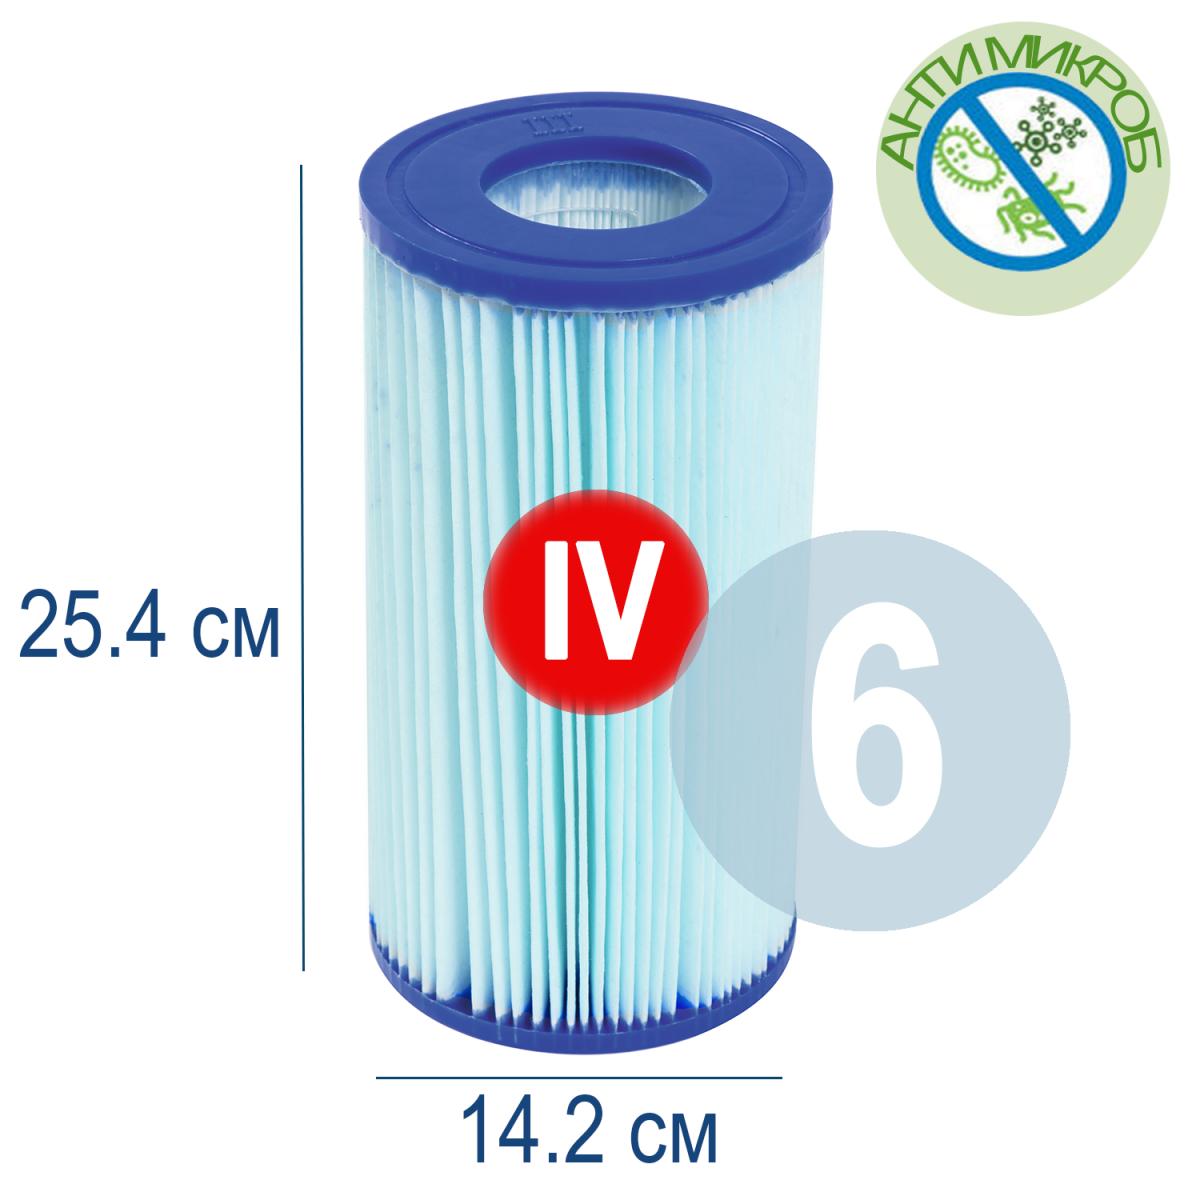 Бактерицидный картридж для фильтра Bestway 58505, тип IV, 6 шт (14,2 х 25,4 см)